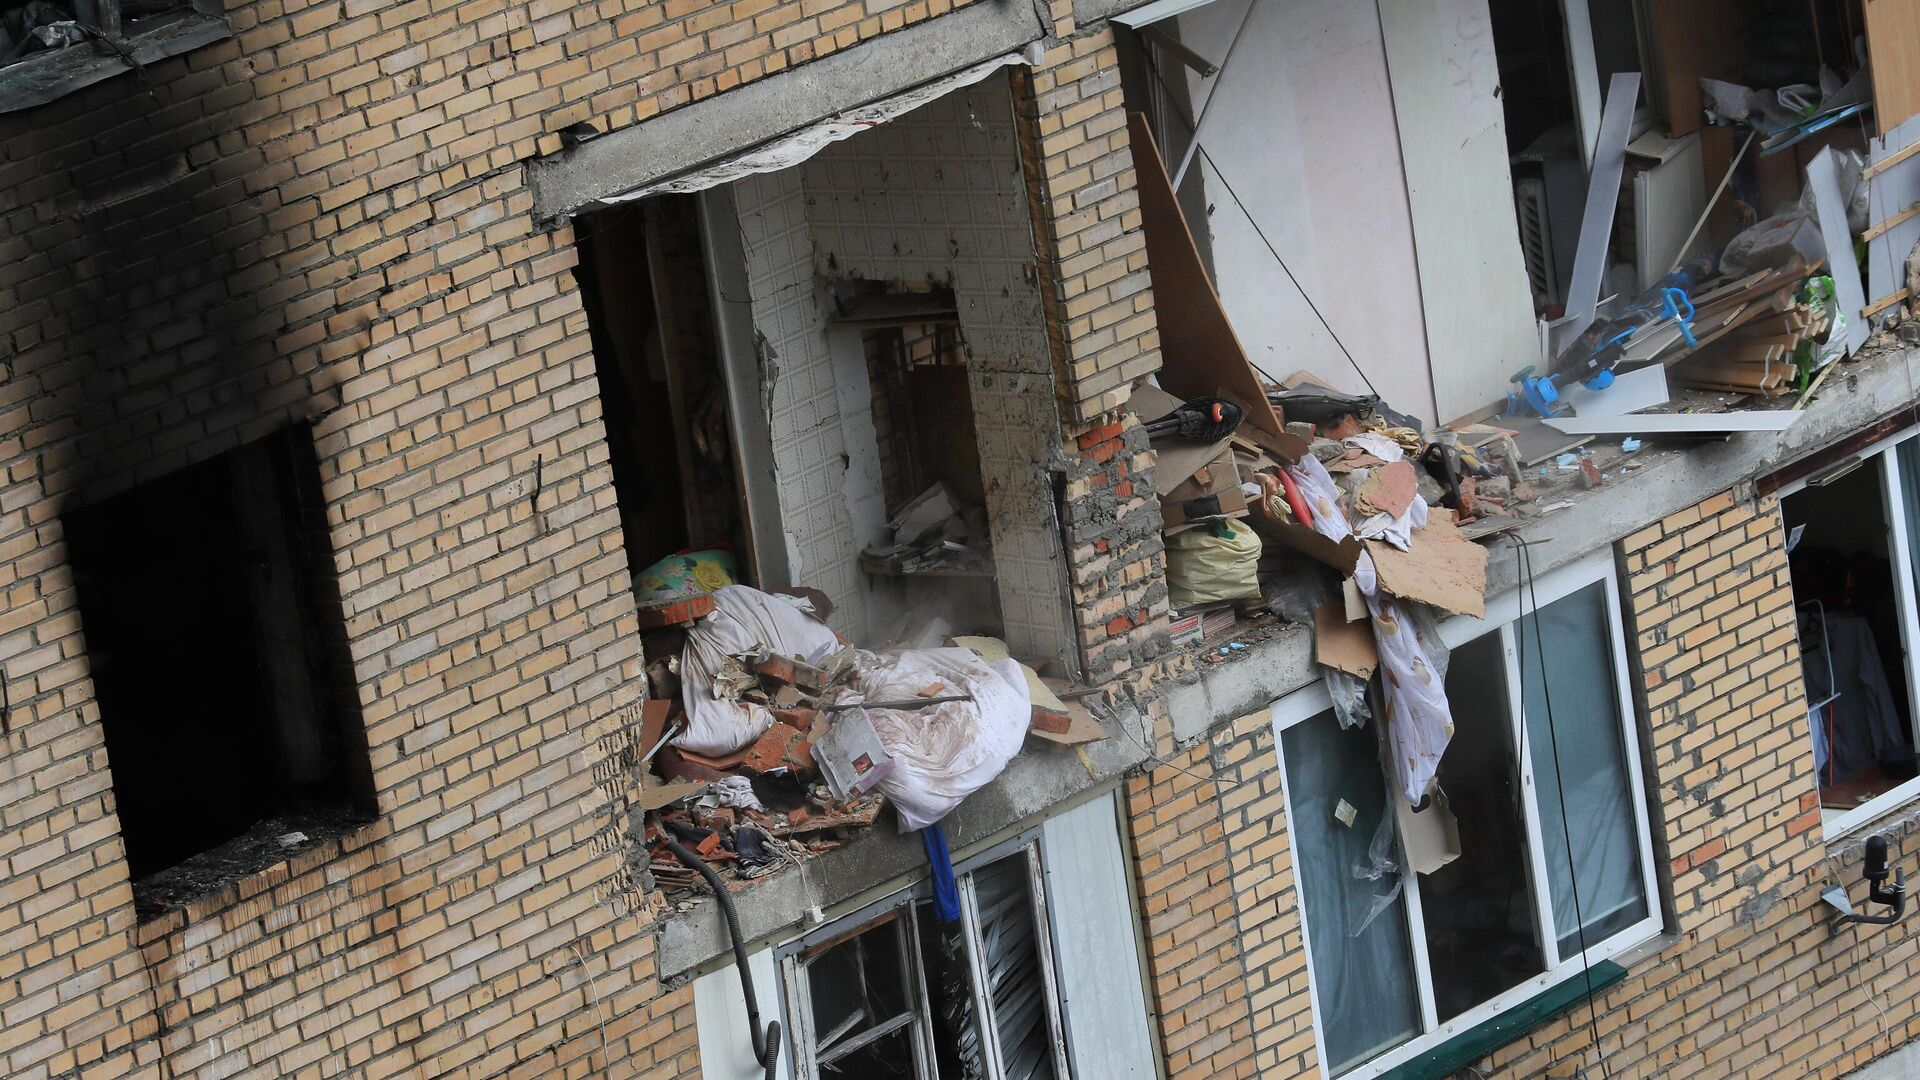 Последствия взрыва в жилом доме на улице Зеленой в Химках - РИА Новости, 1920, 19.03.2021